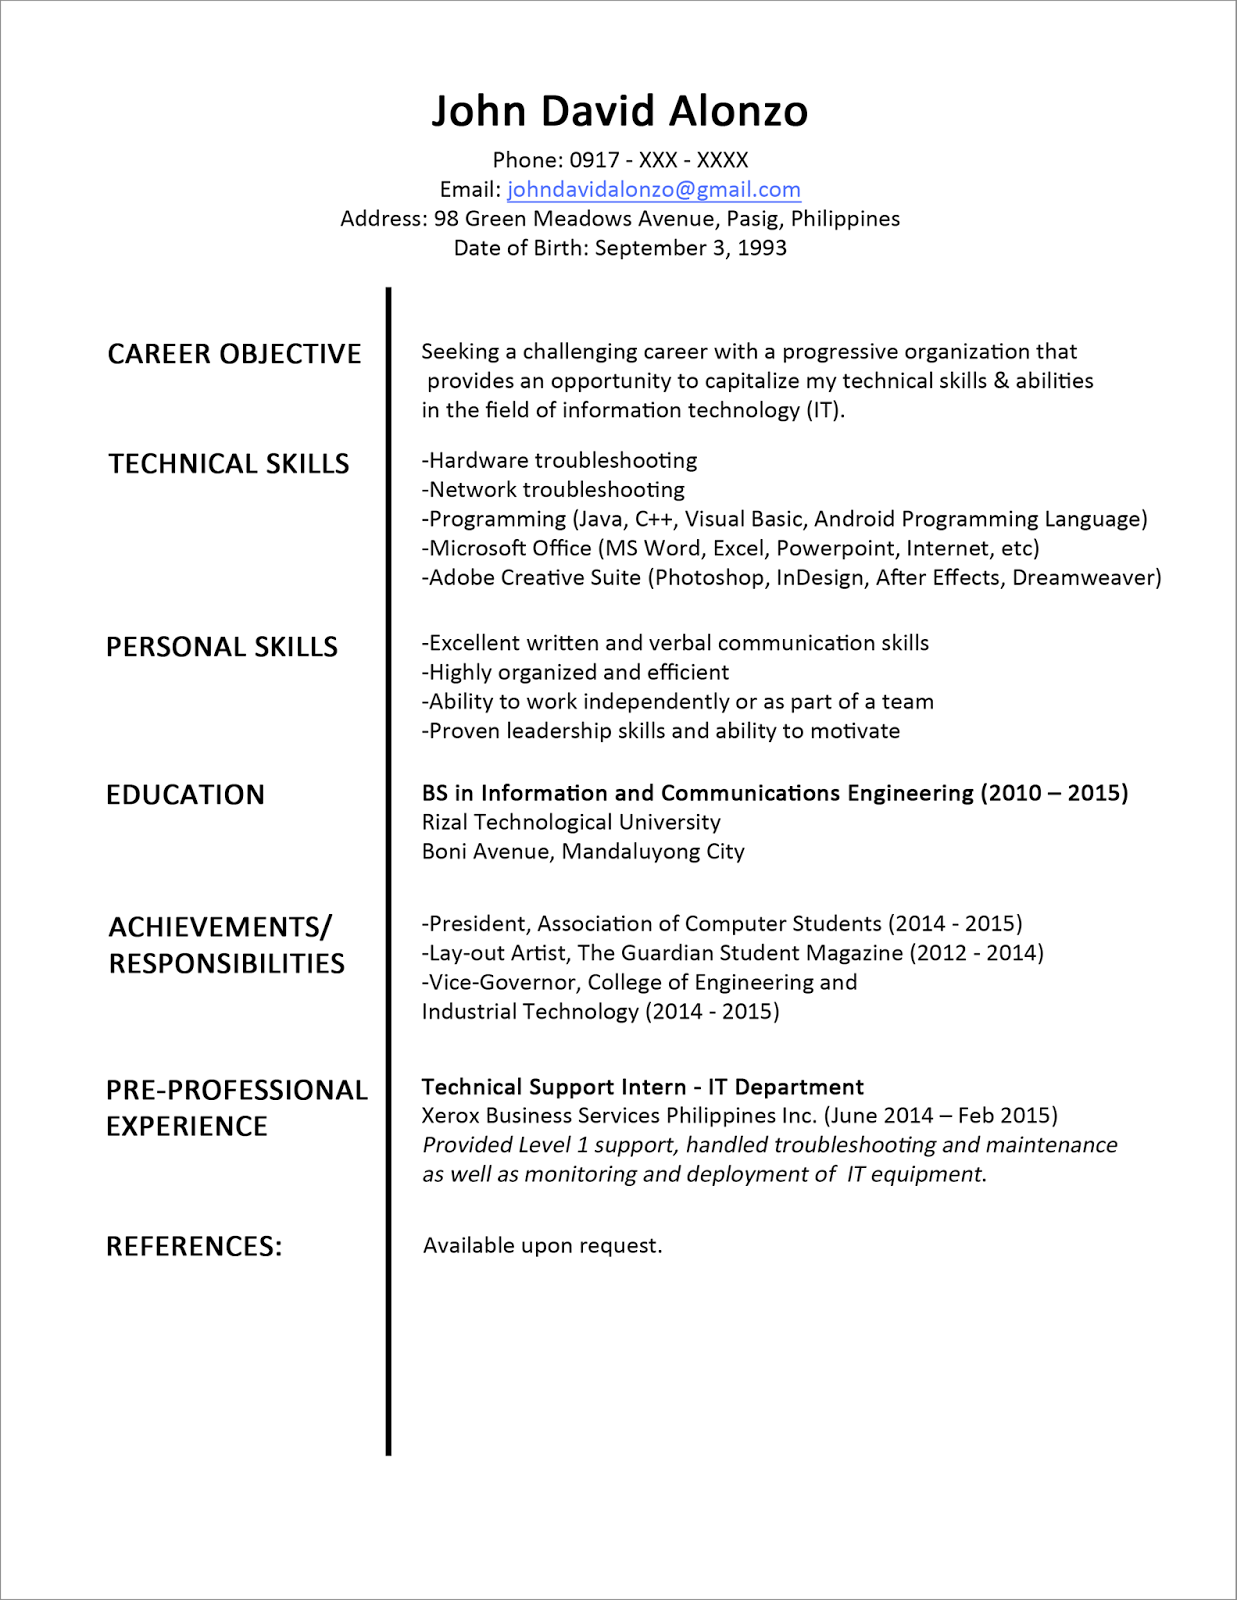 sample resume format for beginners